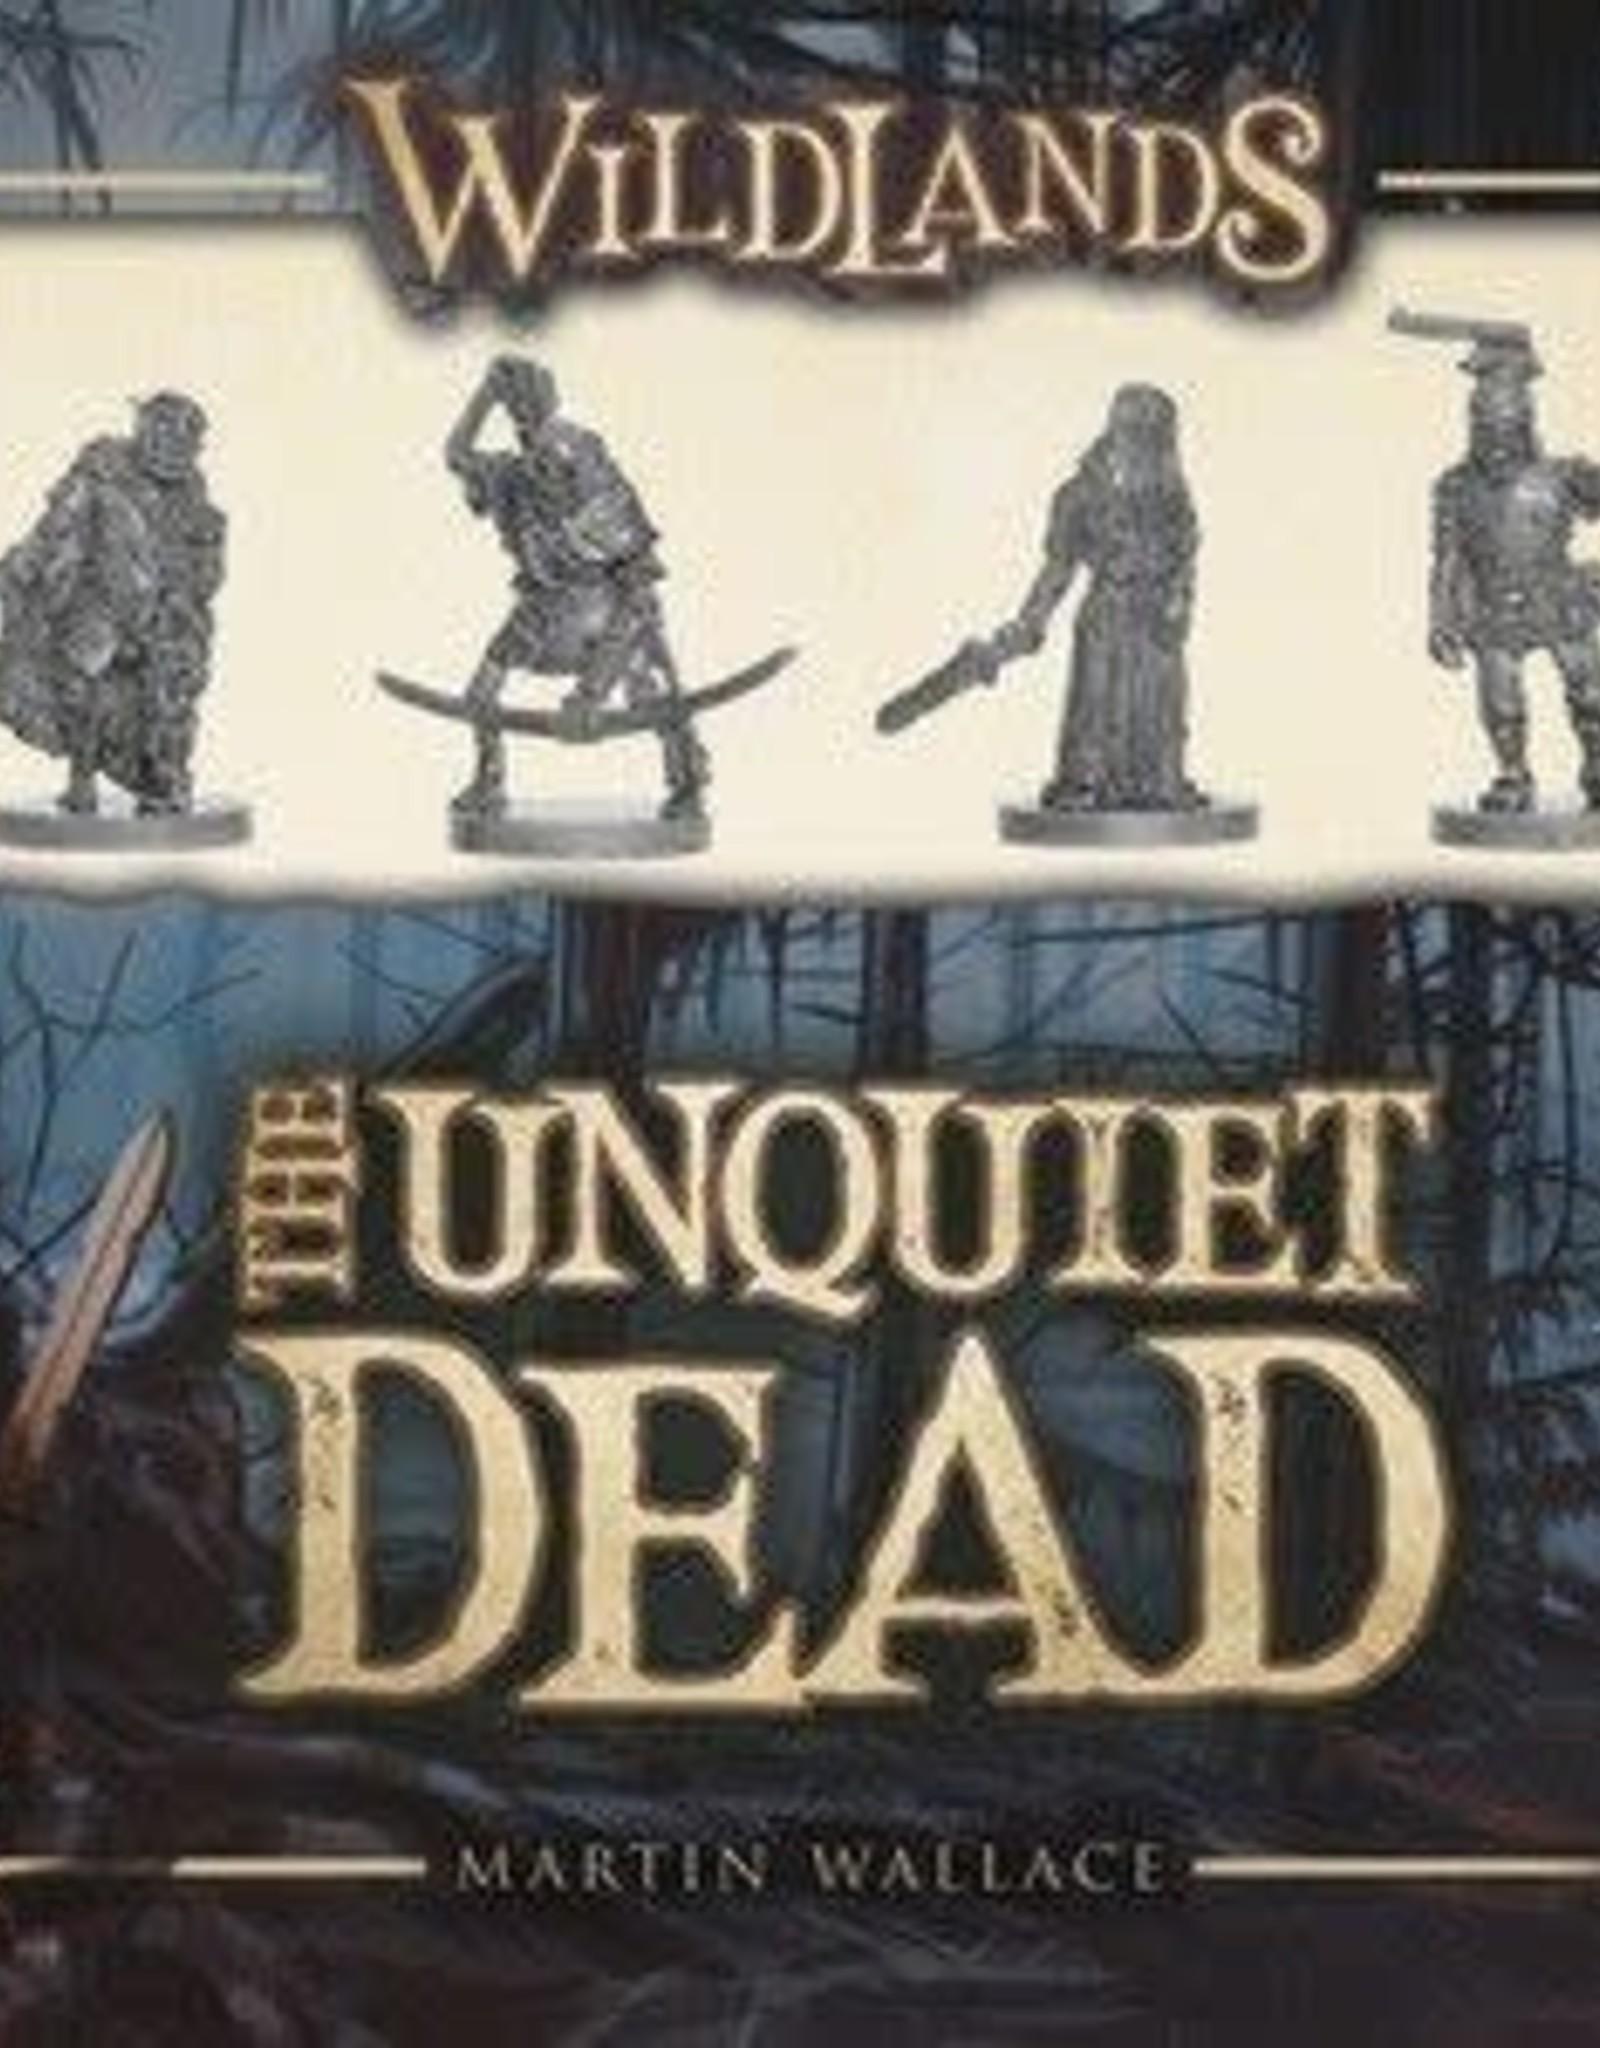 Wildlands: The Unquiet Dead